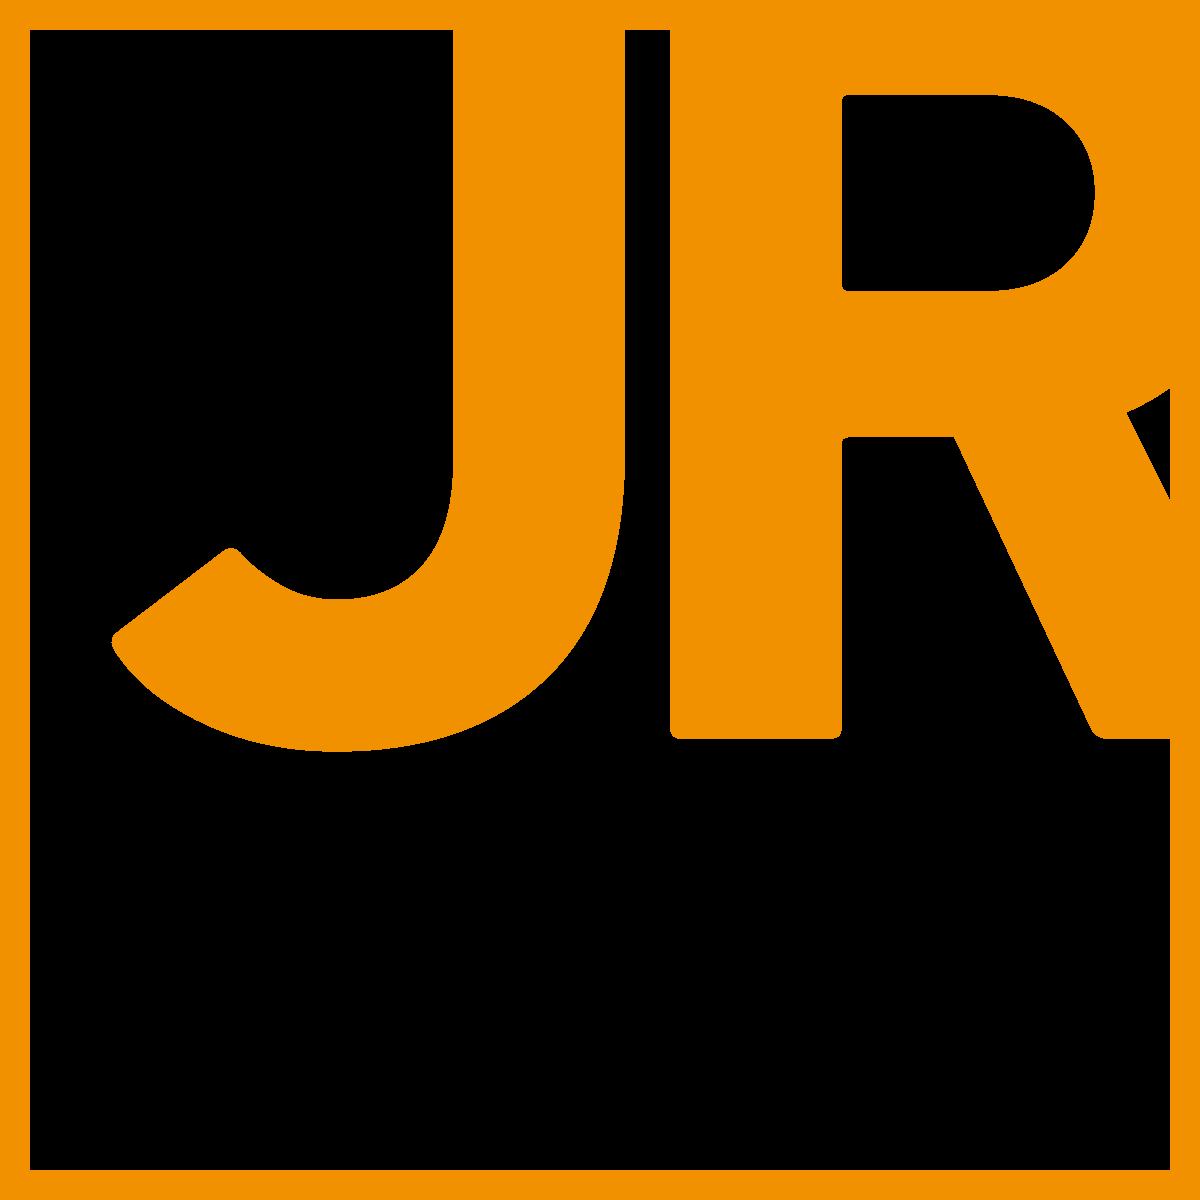 Jochen Reinhardt